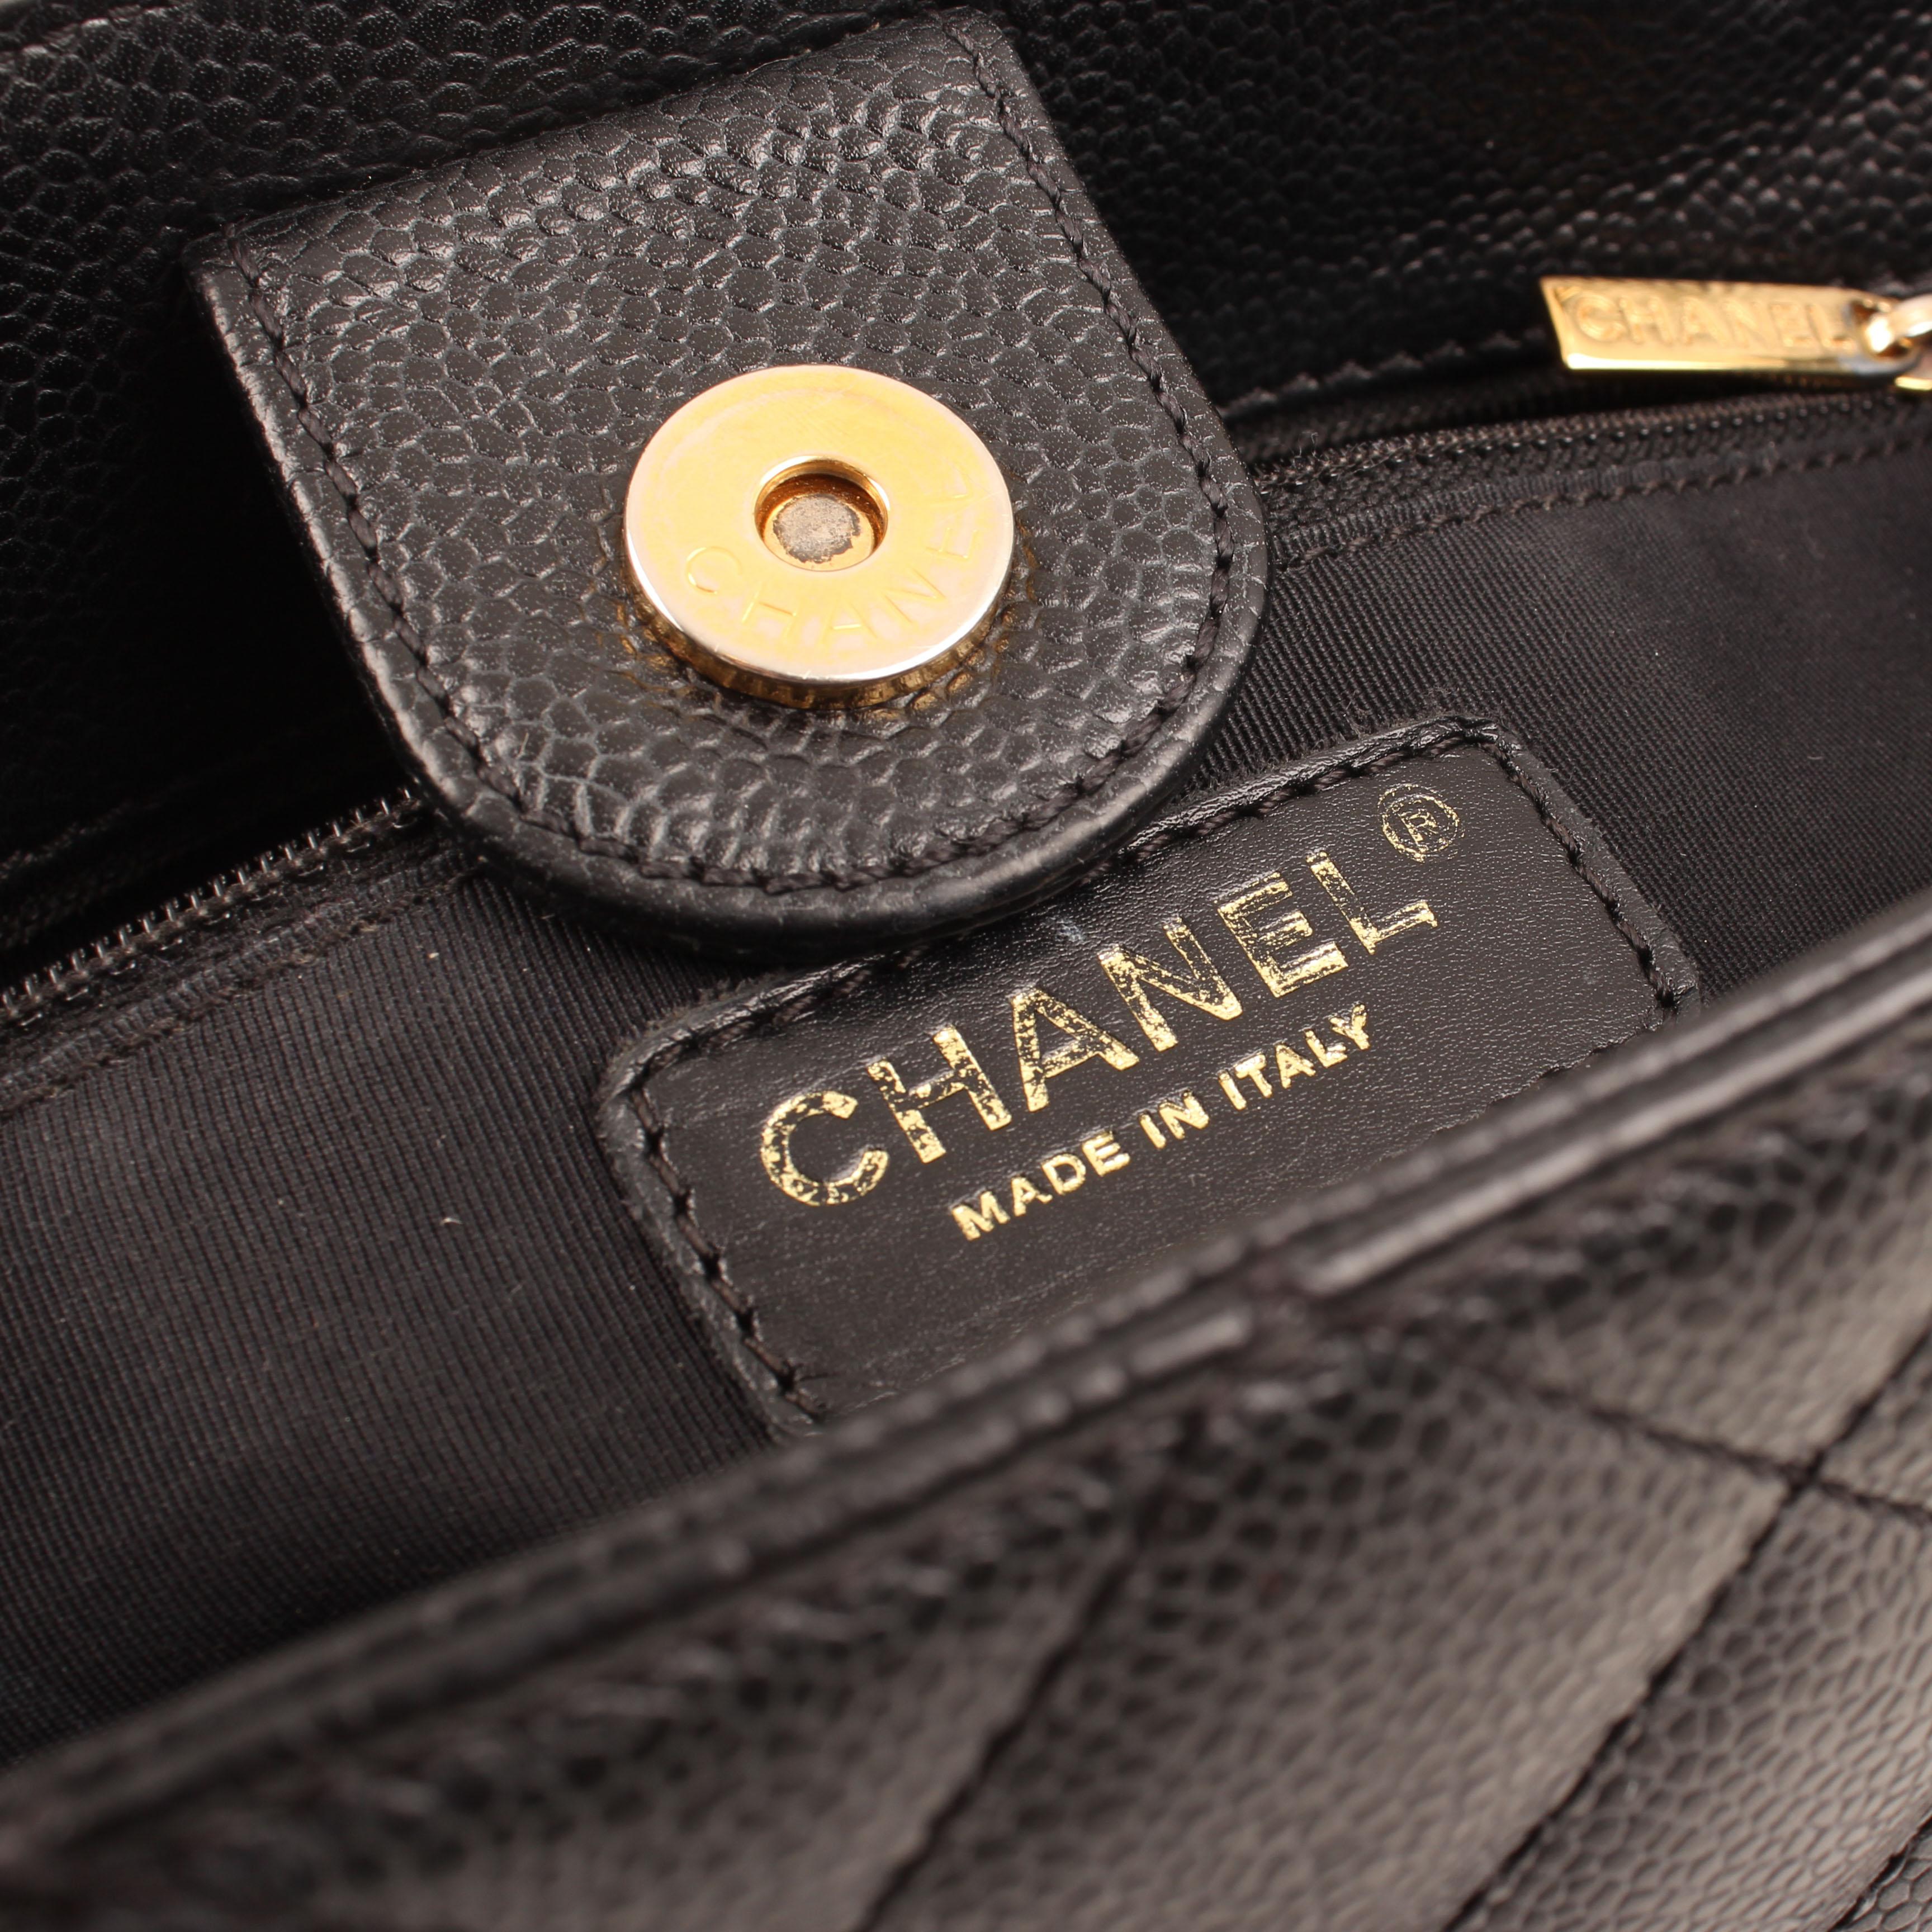 chanel bag shopper tote mini caviar leather black brand clasp